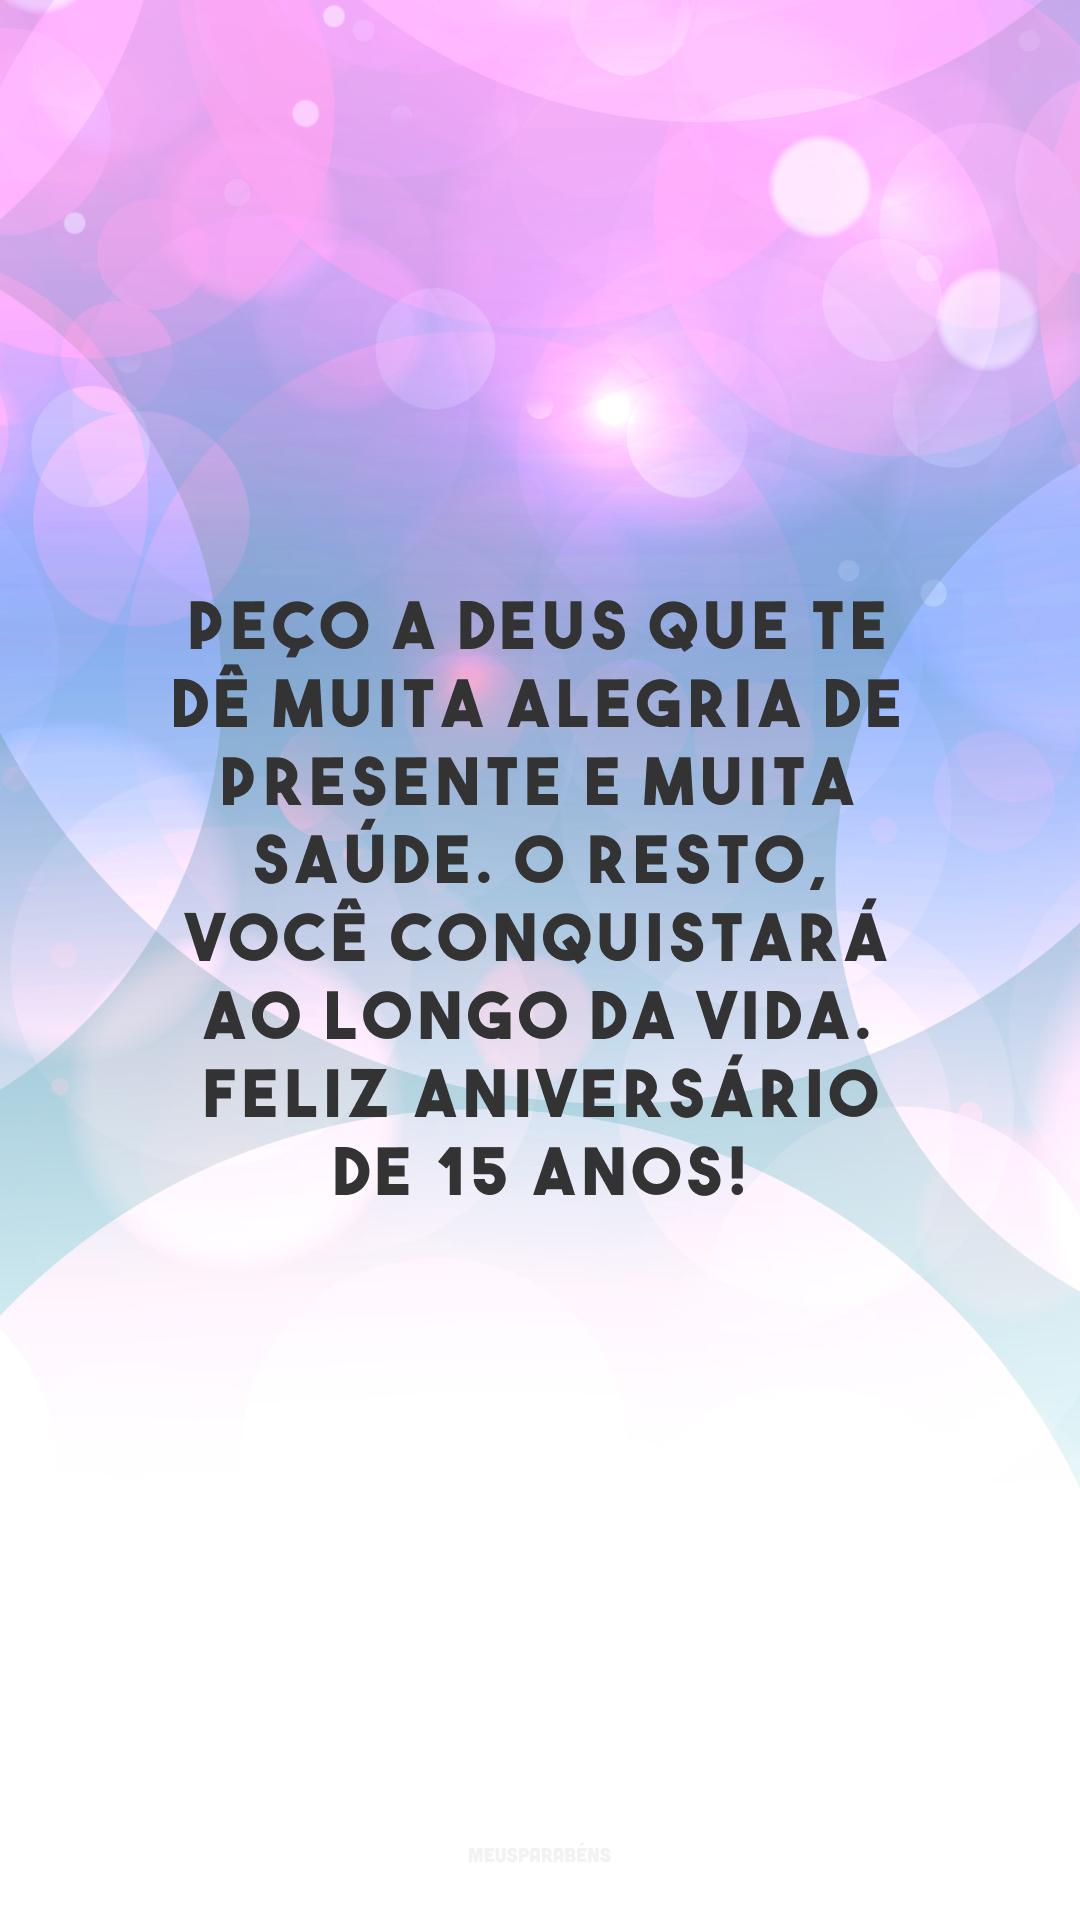 Peço a Deus que te dê muita alegria de presente e muita saúde. O resto, você conquistará ao longo da vida. Feliz aniversário de 15 anos!